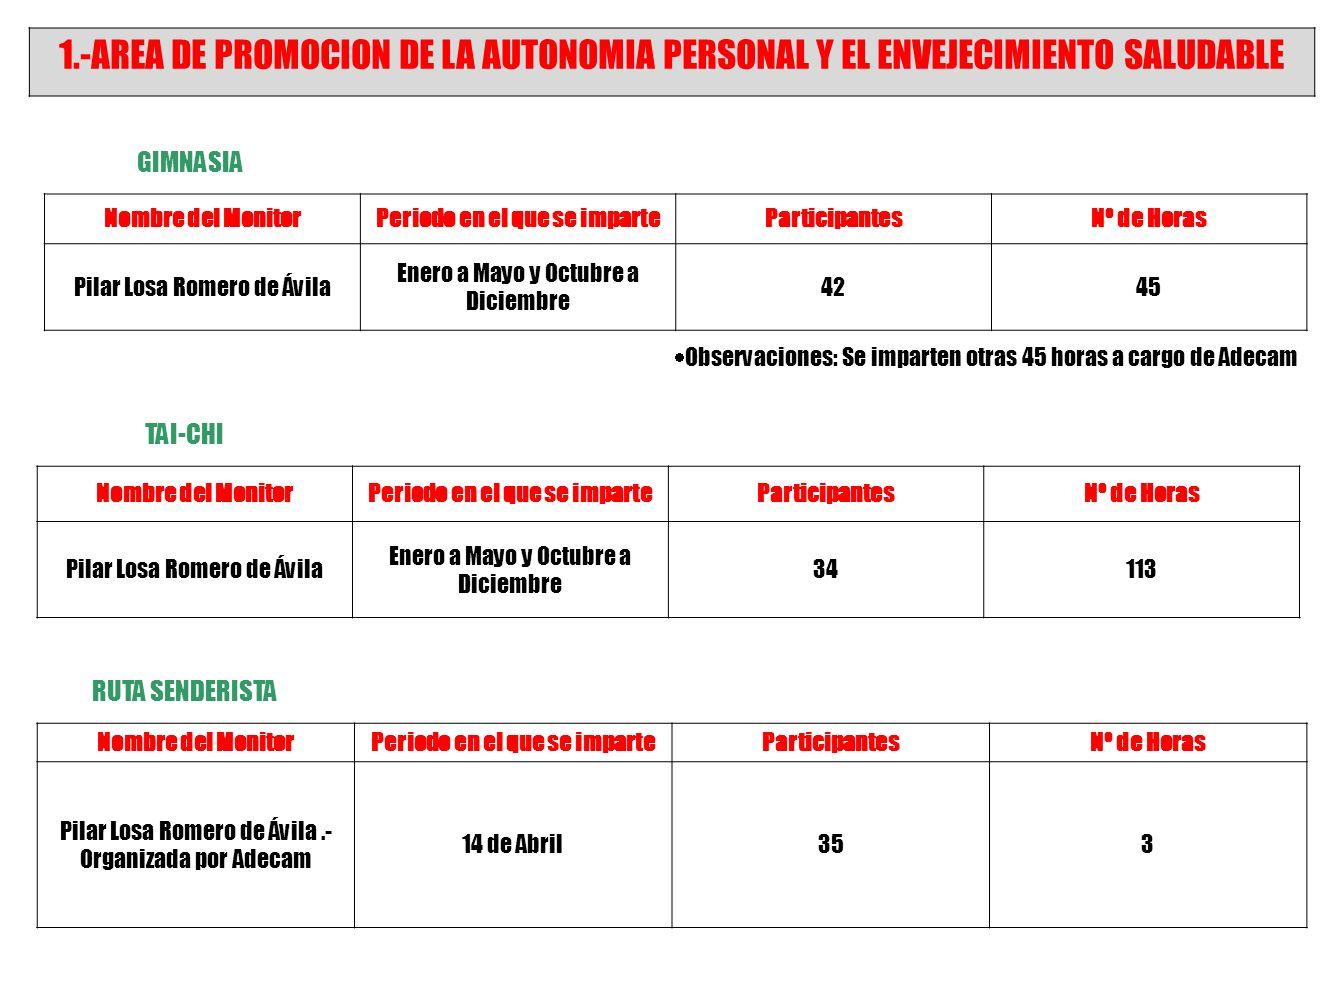 1.-AREA DE PROMOCION DE LA AUTONOMIA PERSONAL Y EL ENVEJECIMIENTO SALUDABLE